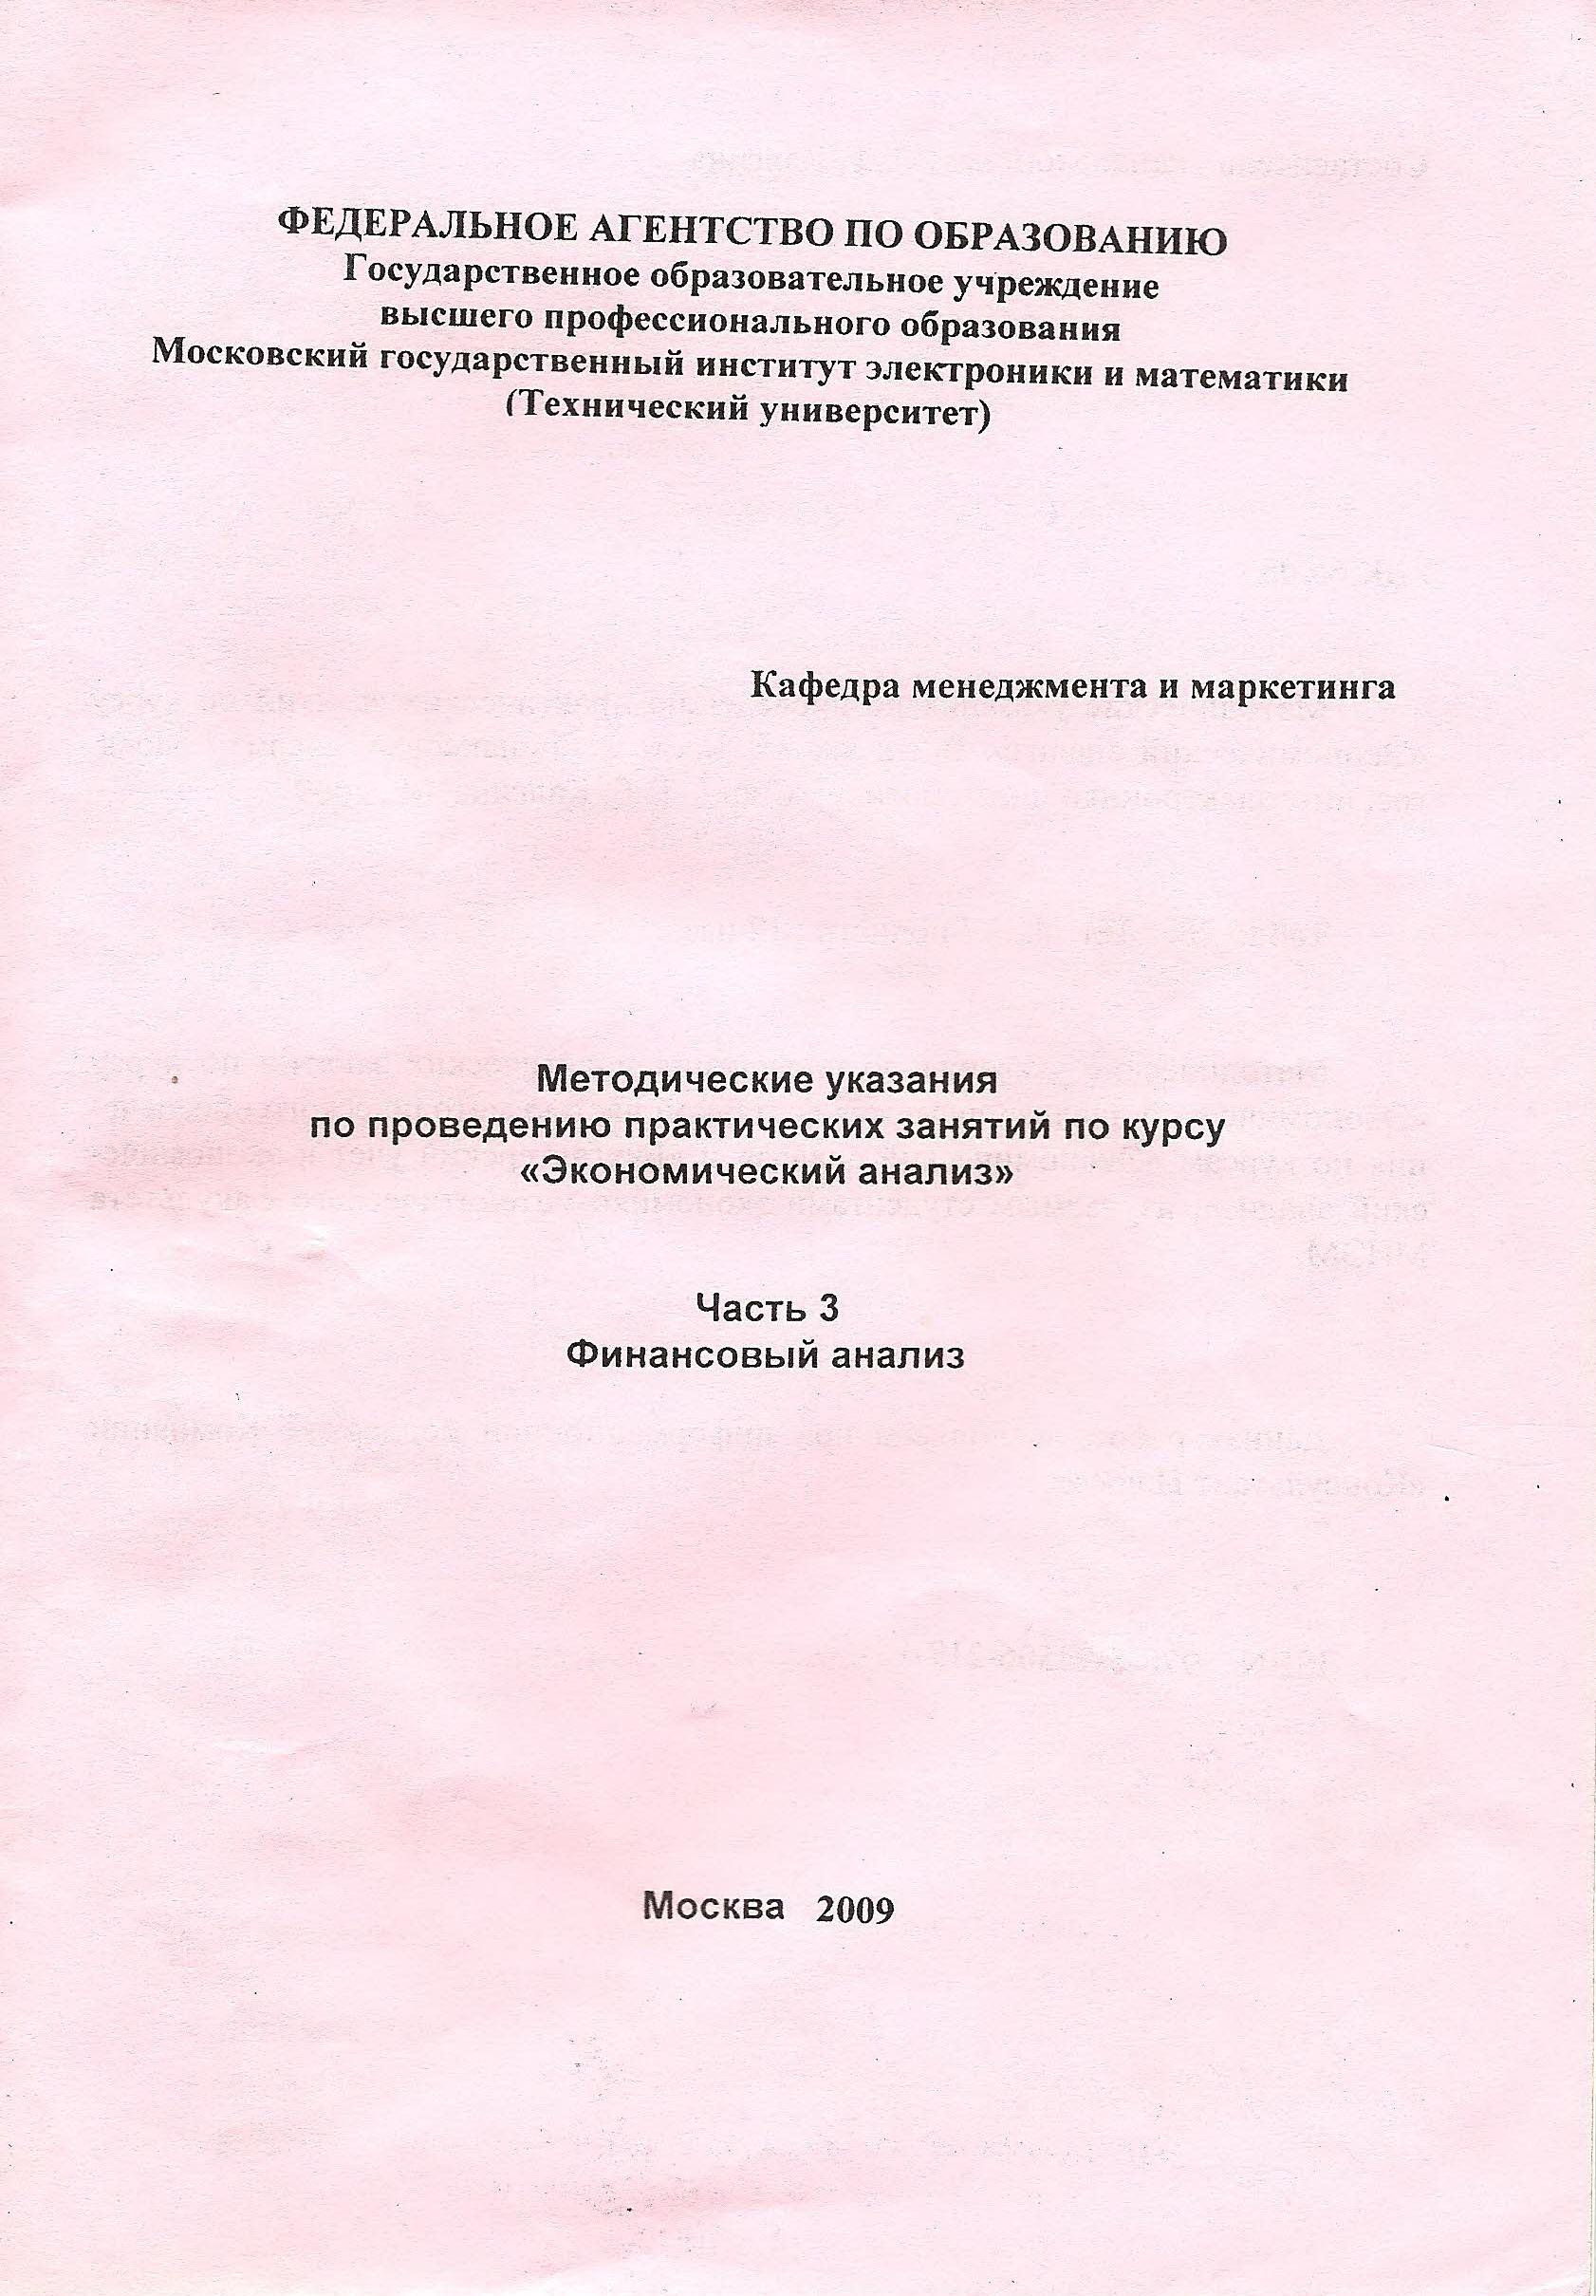 Методические указания по проведению практических занятий по курсу «Экономический анализ». Часть 3. Финансовый анализ